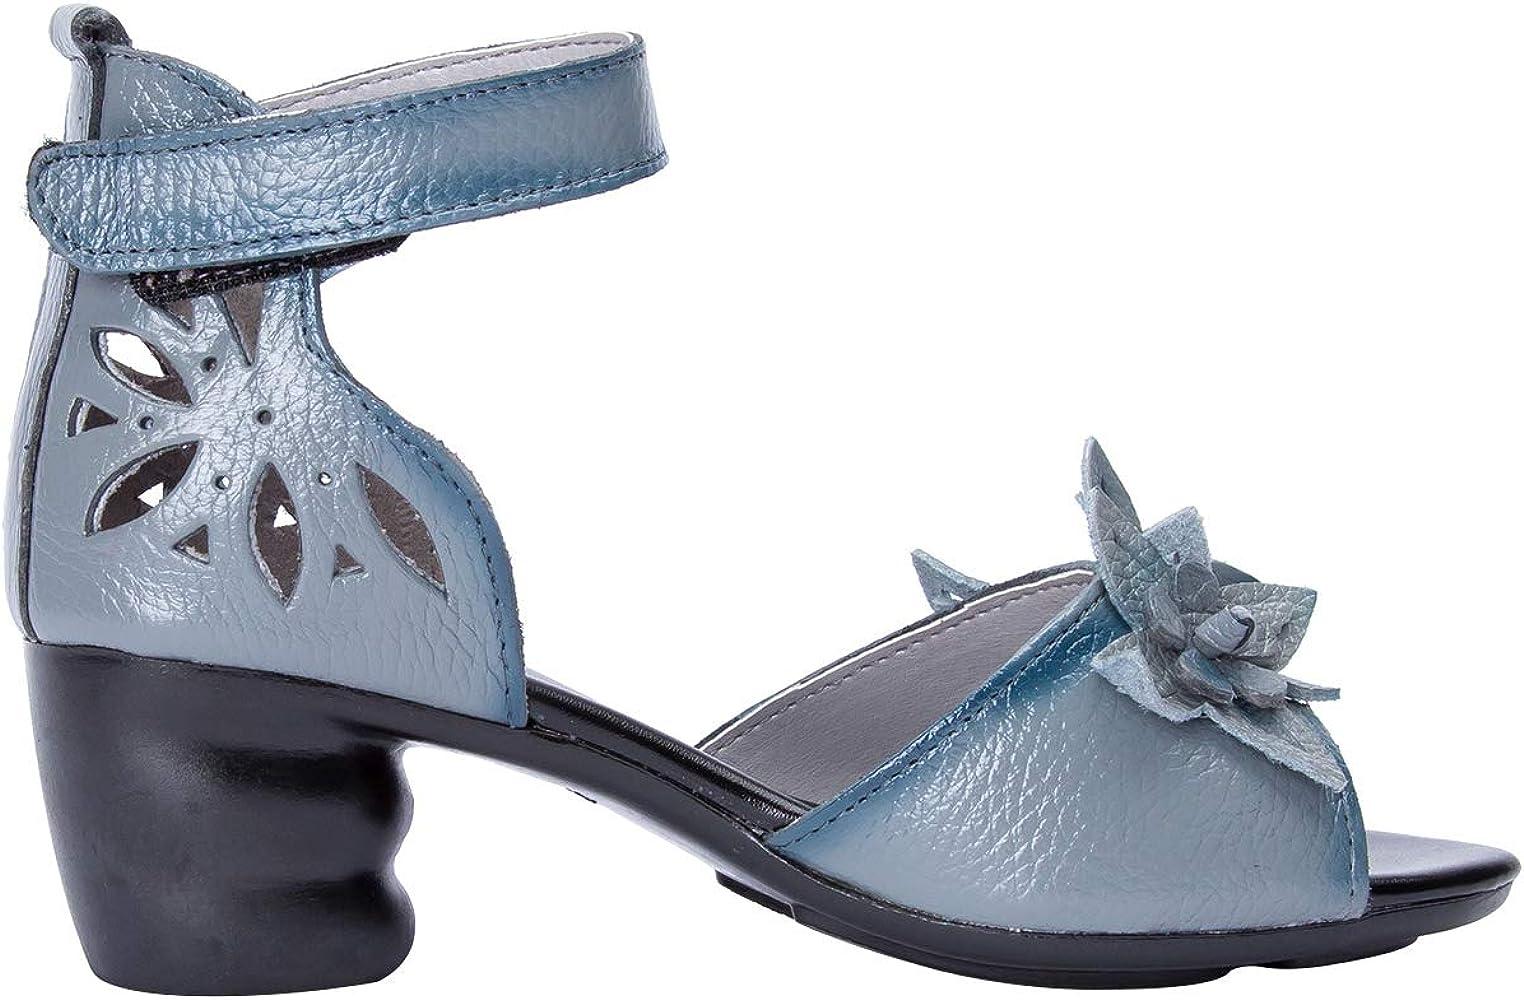 Sandale Confort Cm Talon Bride Wealsex Cuir 4 Femme Fleurs Carre qpSVzLUMG